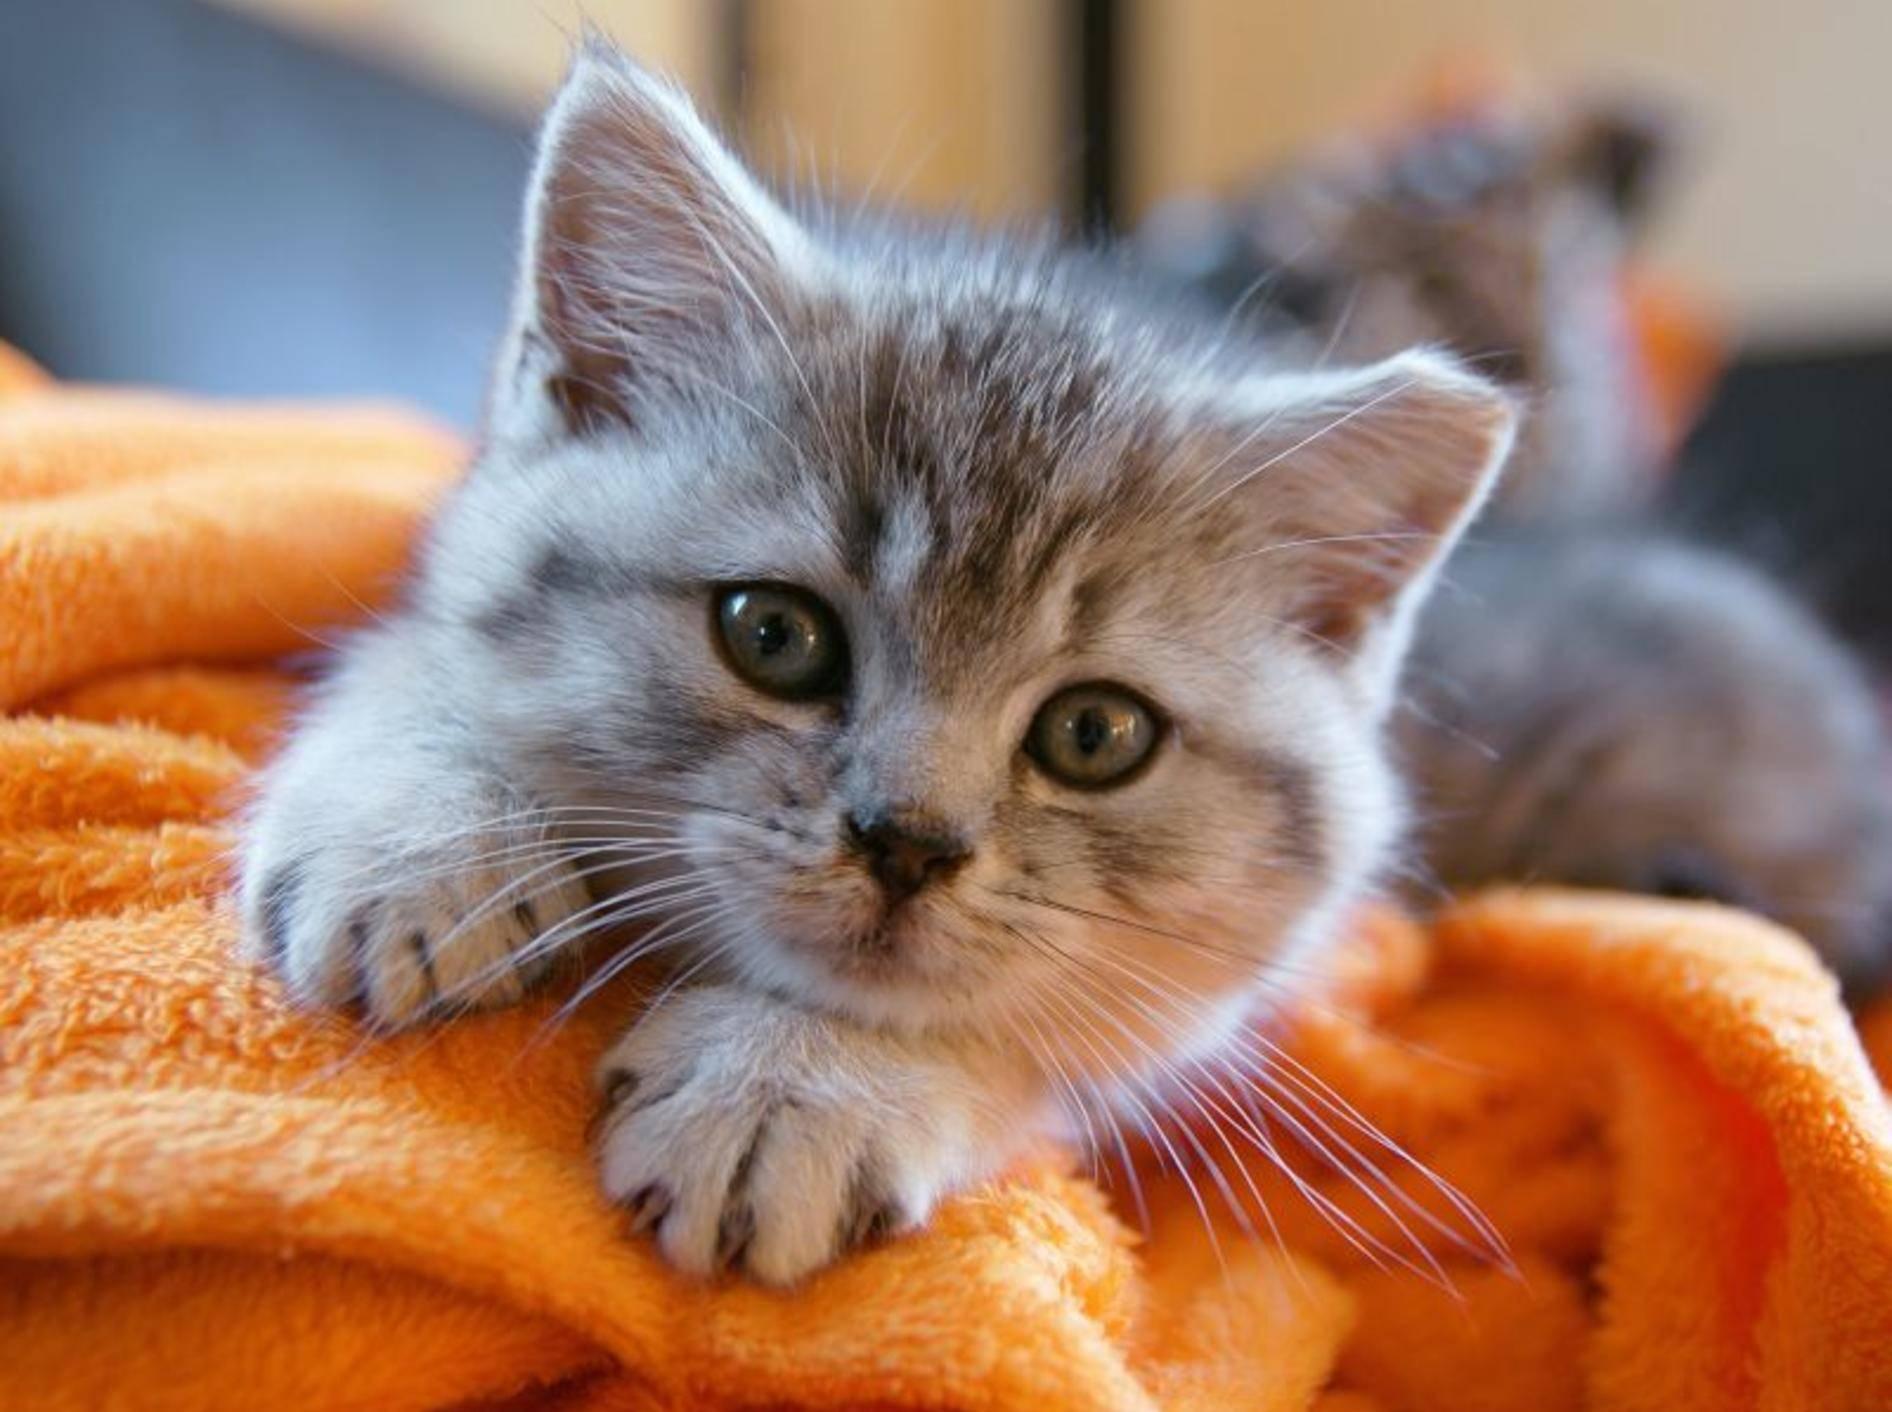 Möbel in XS: Witzige Schlafplätze für Katzen – Bild: Shutterstock / Sushaaa